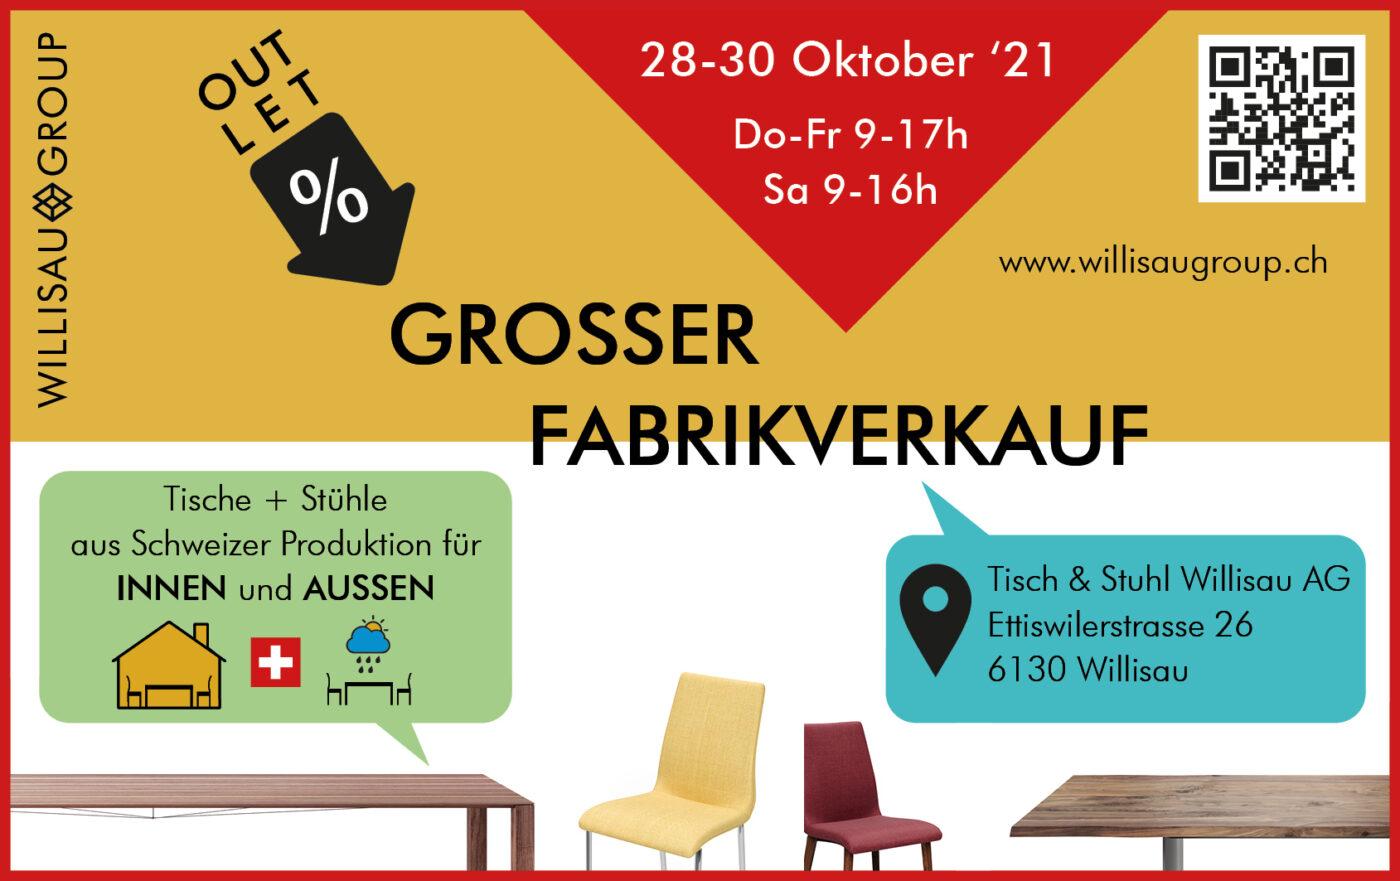 Fabrikverkauf 202110 Oberaargauer 143x90